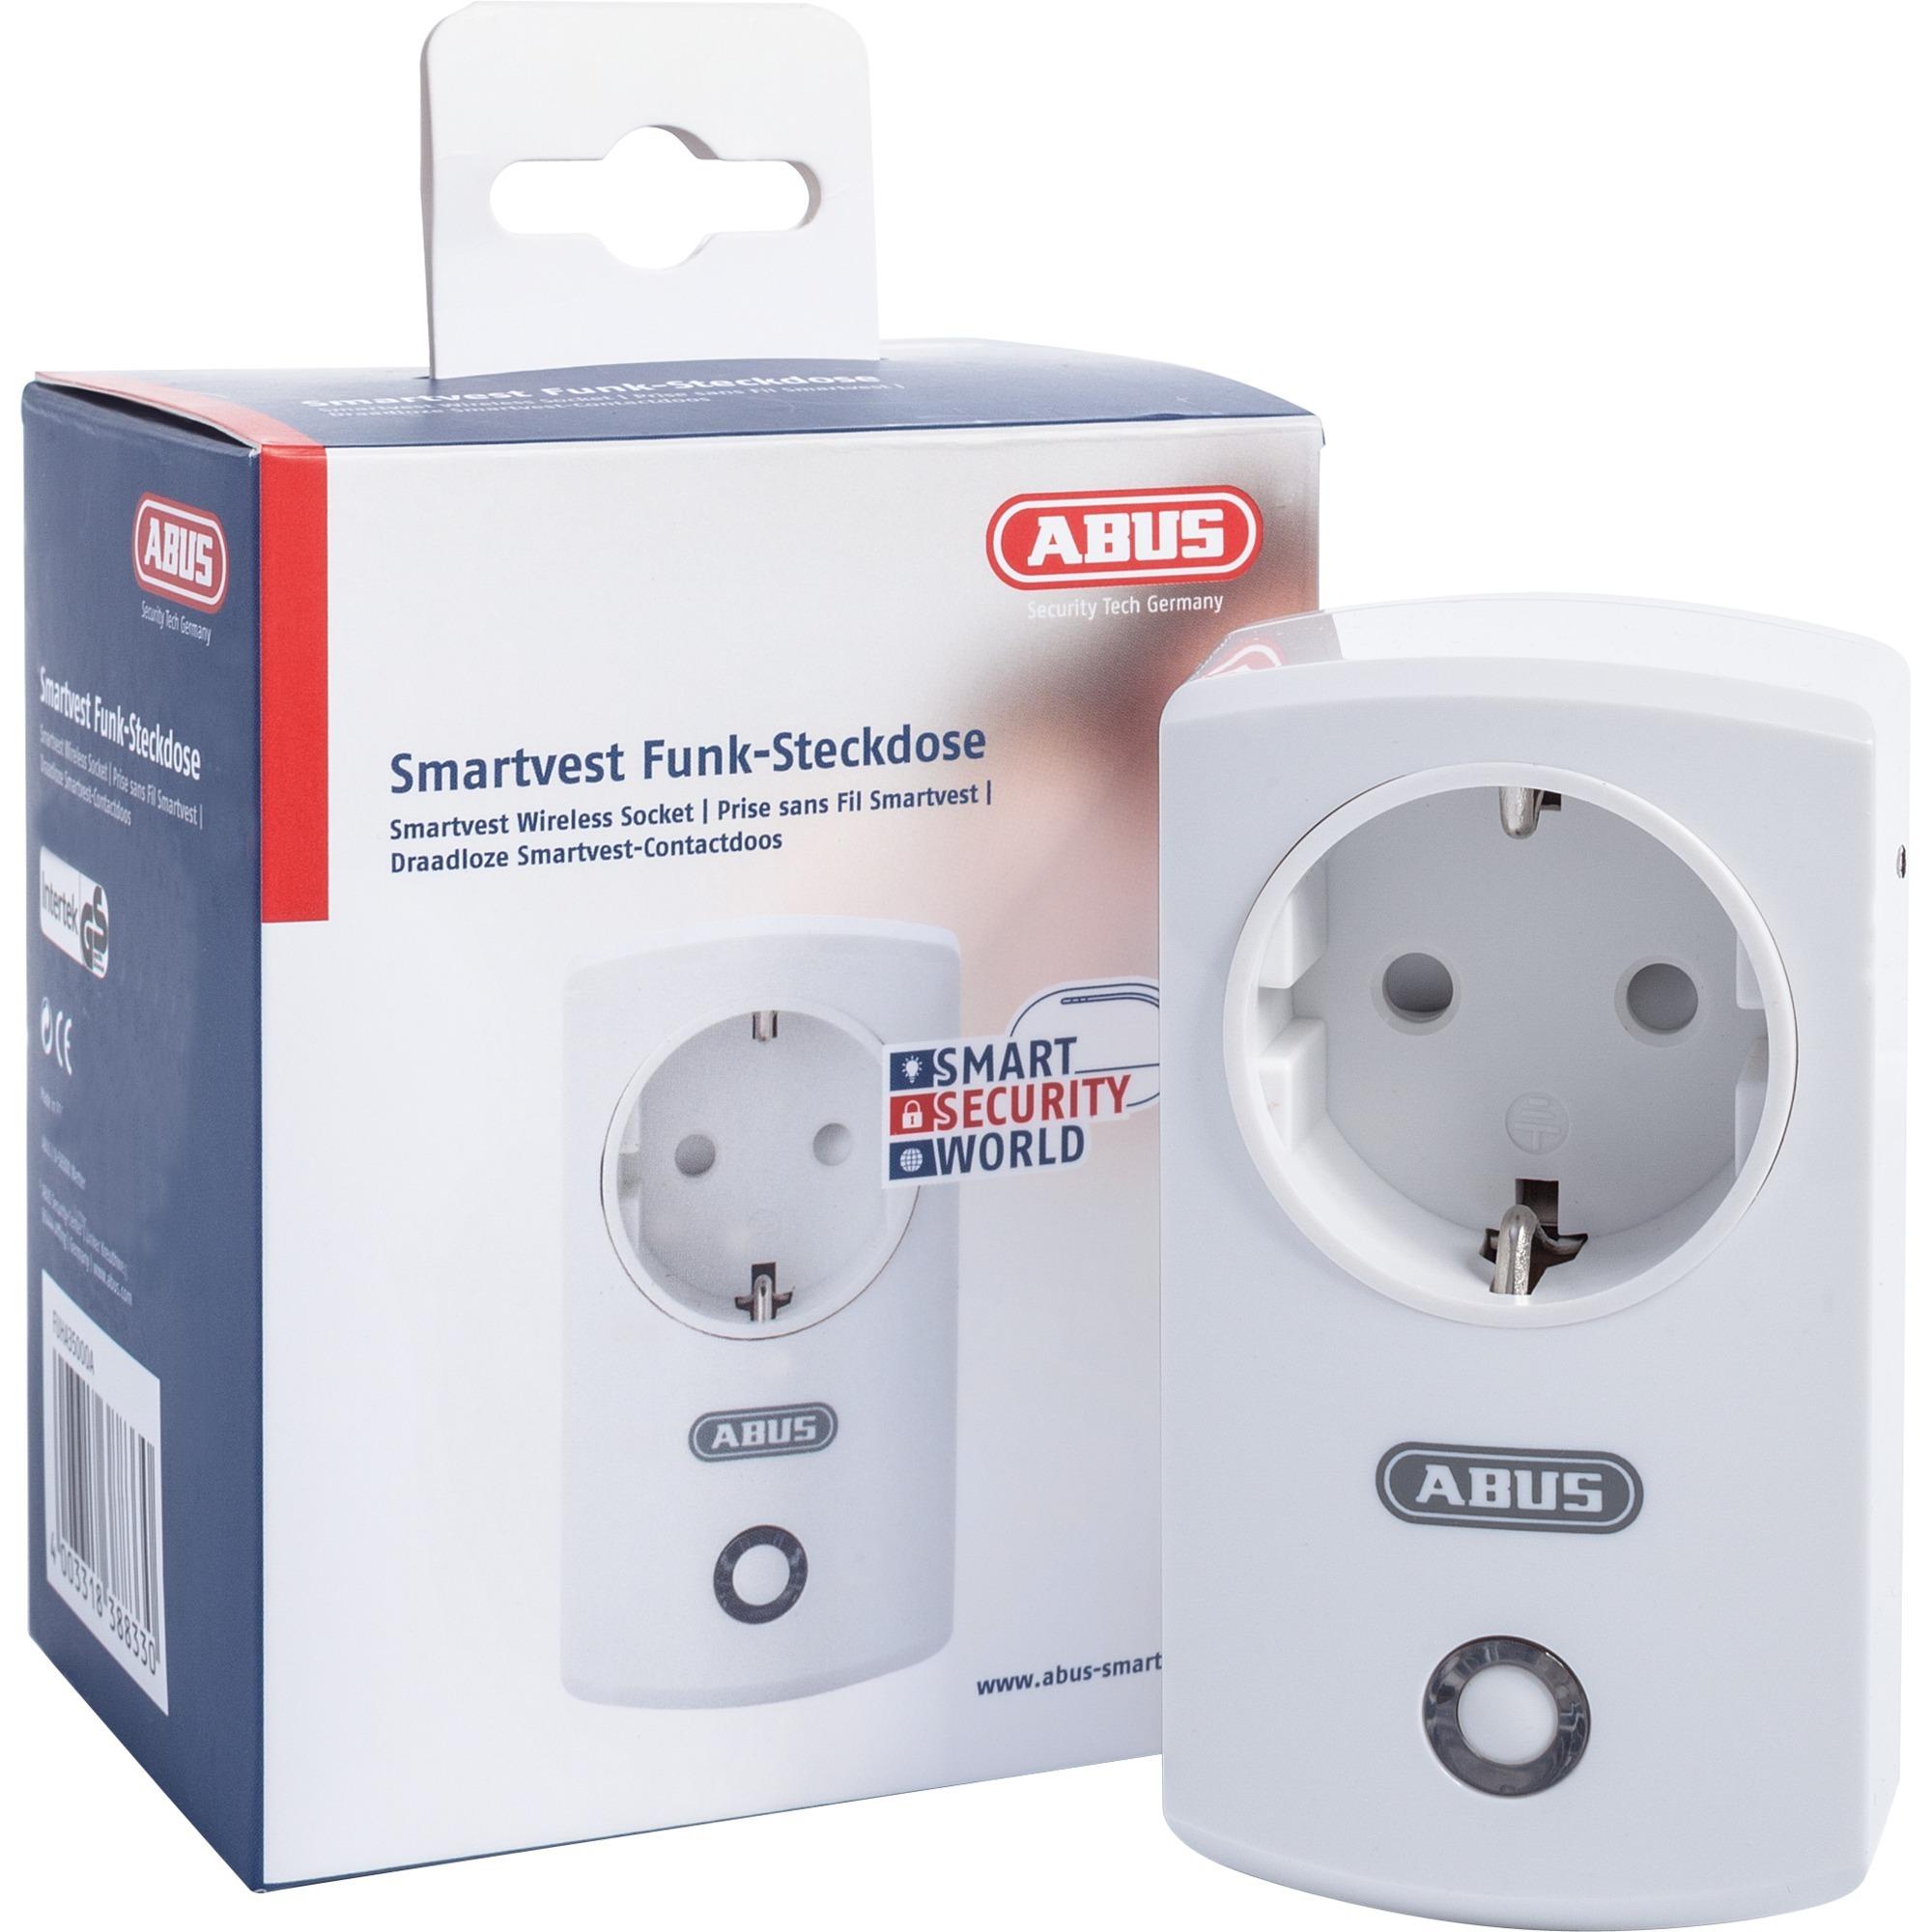 smartvest-type-f-type-f-hvid-stromstik-adapter-switched-stikkontakt